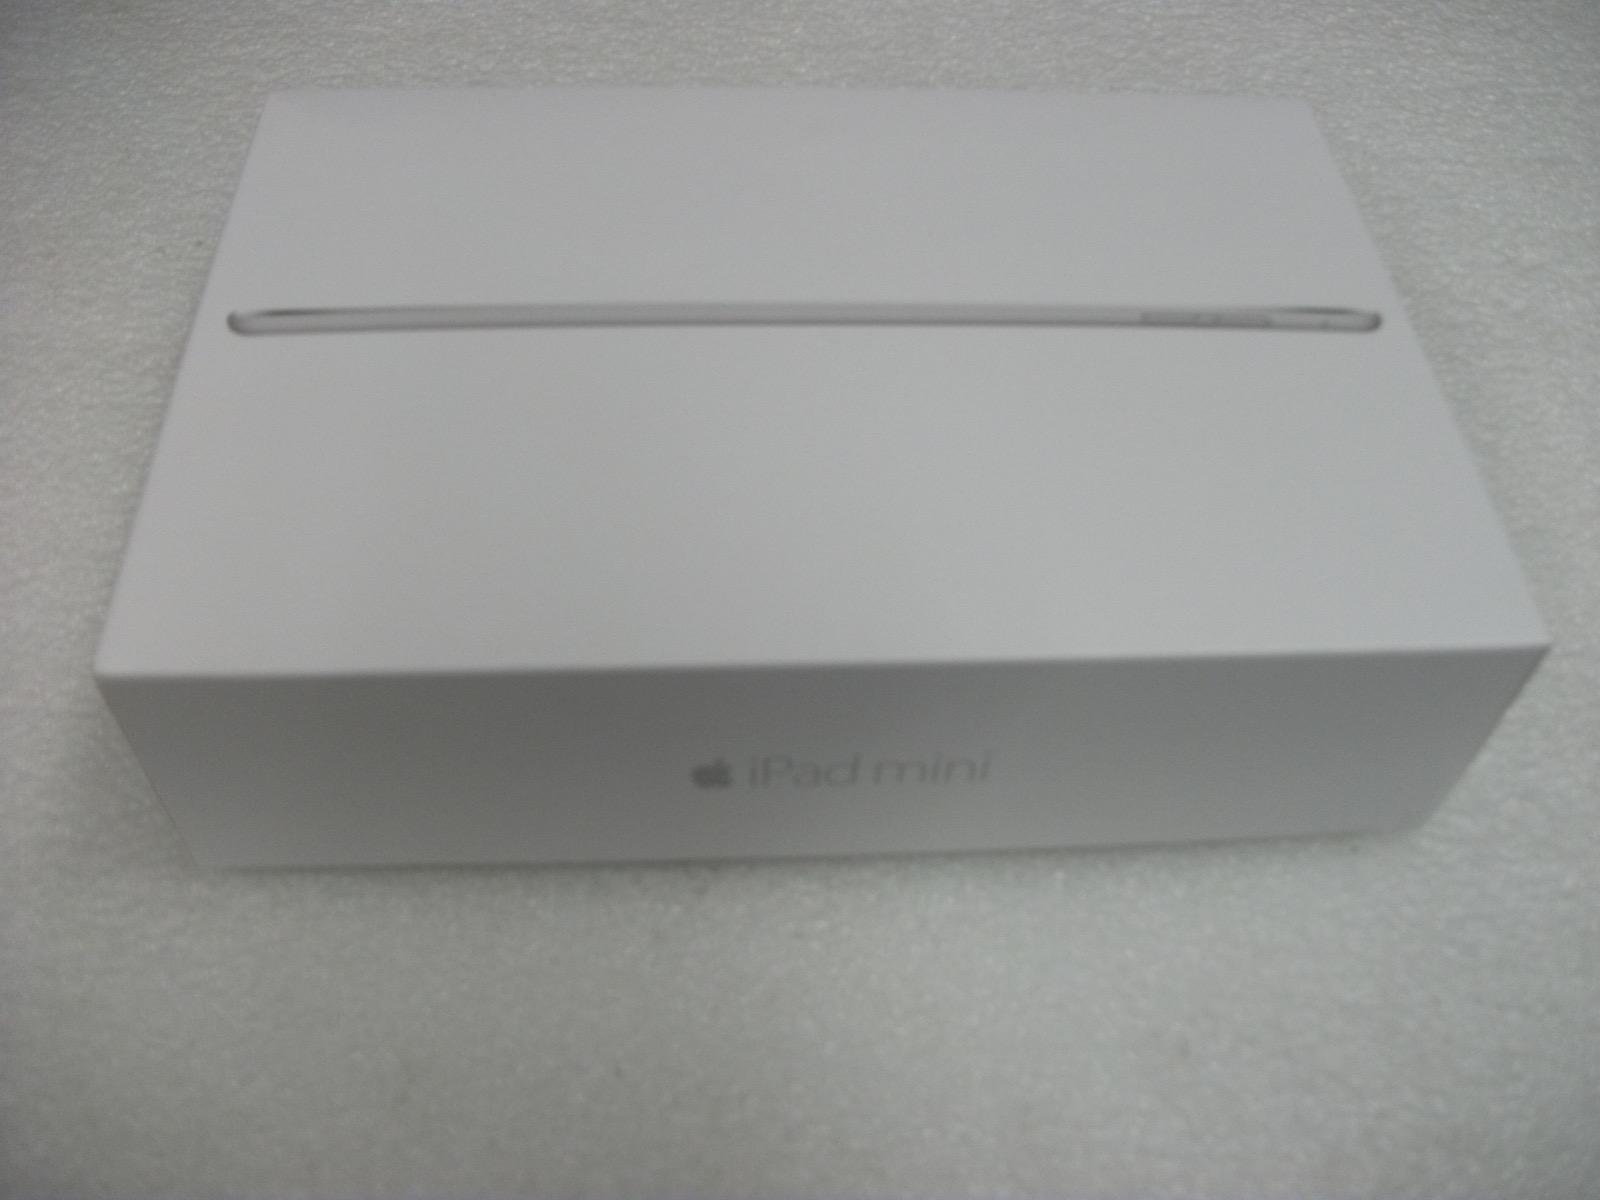 iPad mini 4 Wi-Fi, 16 GB, Plata, imagen 4